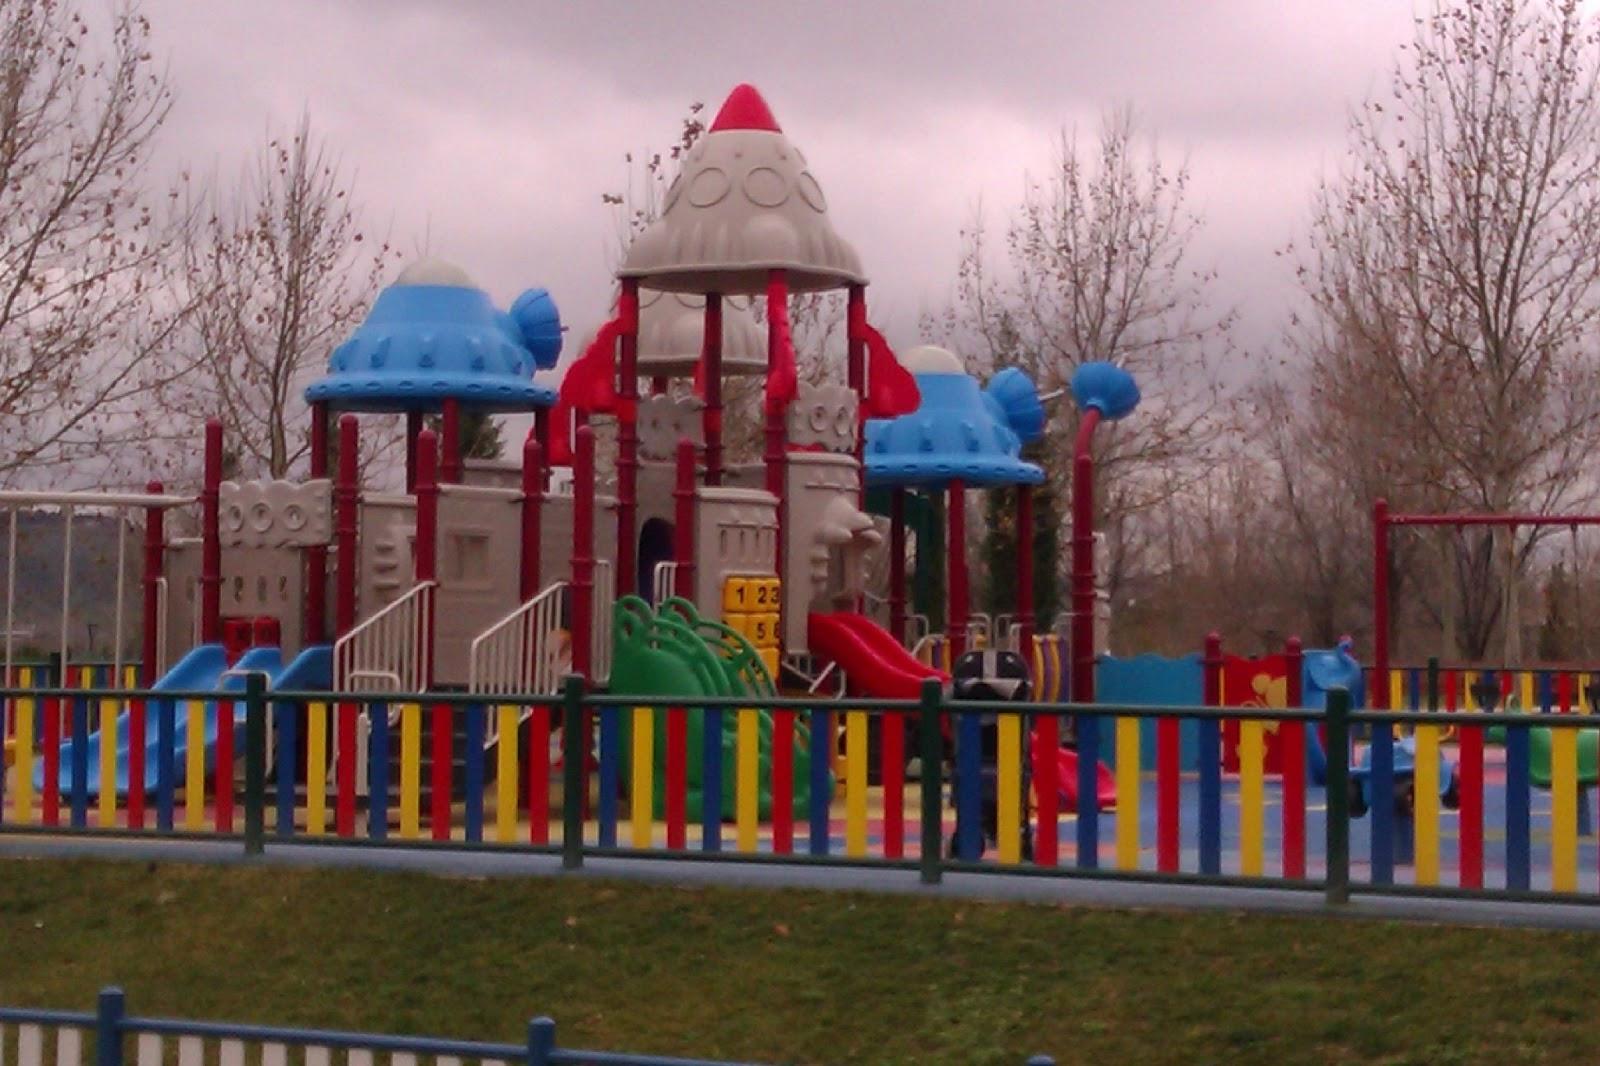 Qu hacer con nenes la mujer gigante en el parque europa - Viviendas en torrejon de ardoz ...